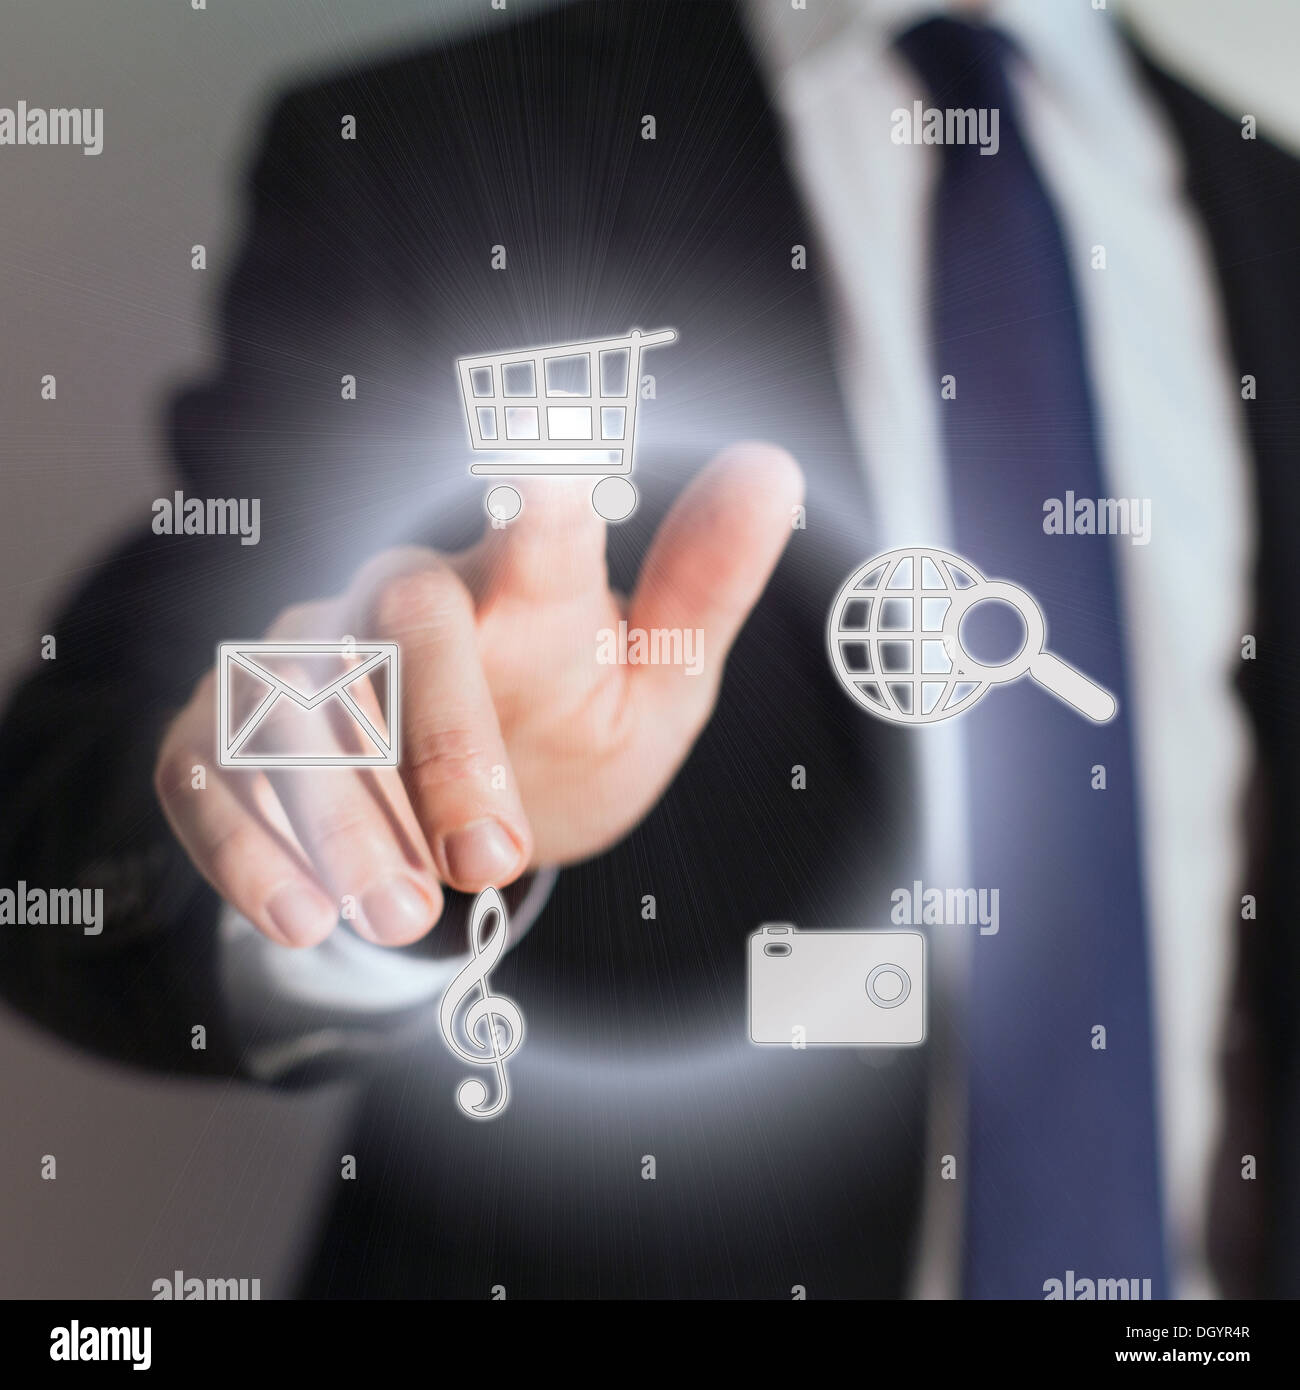 pantalla táctil Imagen De Stock